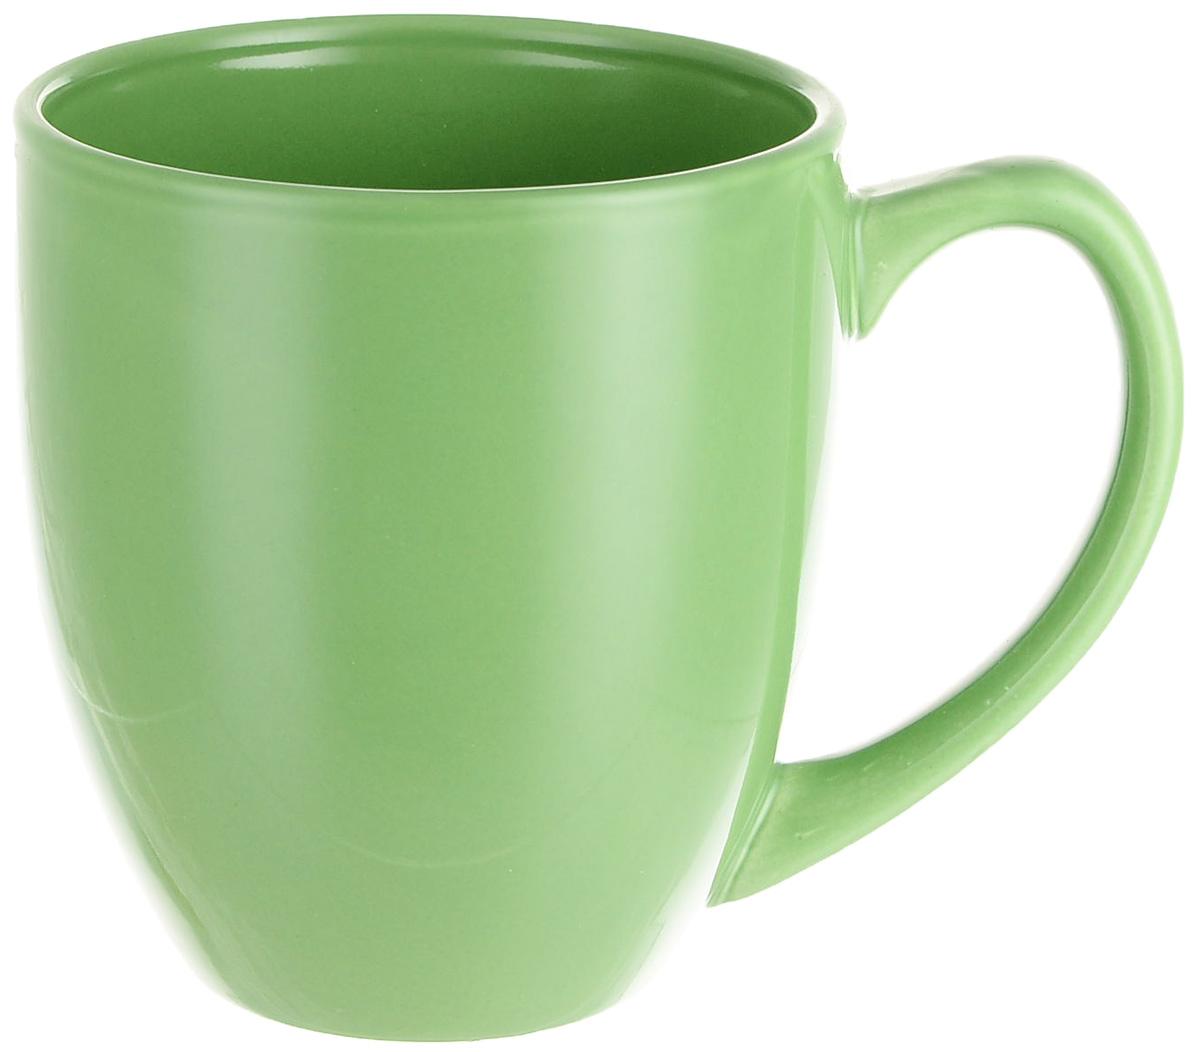 Кружка МФК-профит Color, цвет: зеленый, 425 мл кружка мфк профит трапеза 400 мл